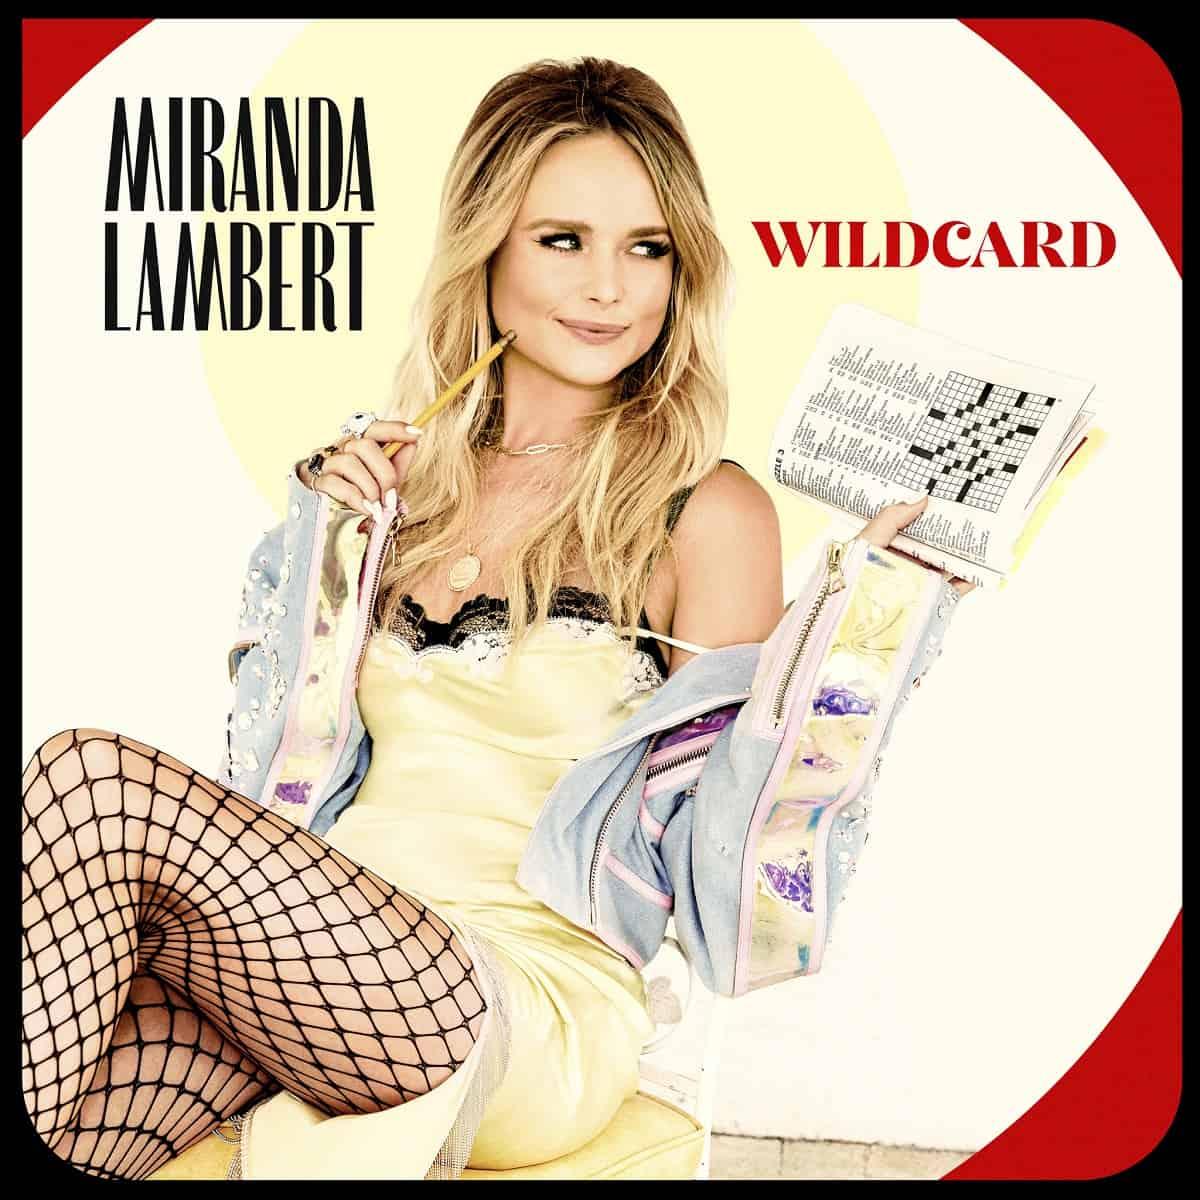 Miranda Lambert - 'Wildcard'; Photo by Ellen von Unwerth